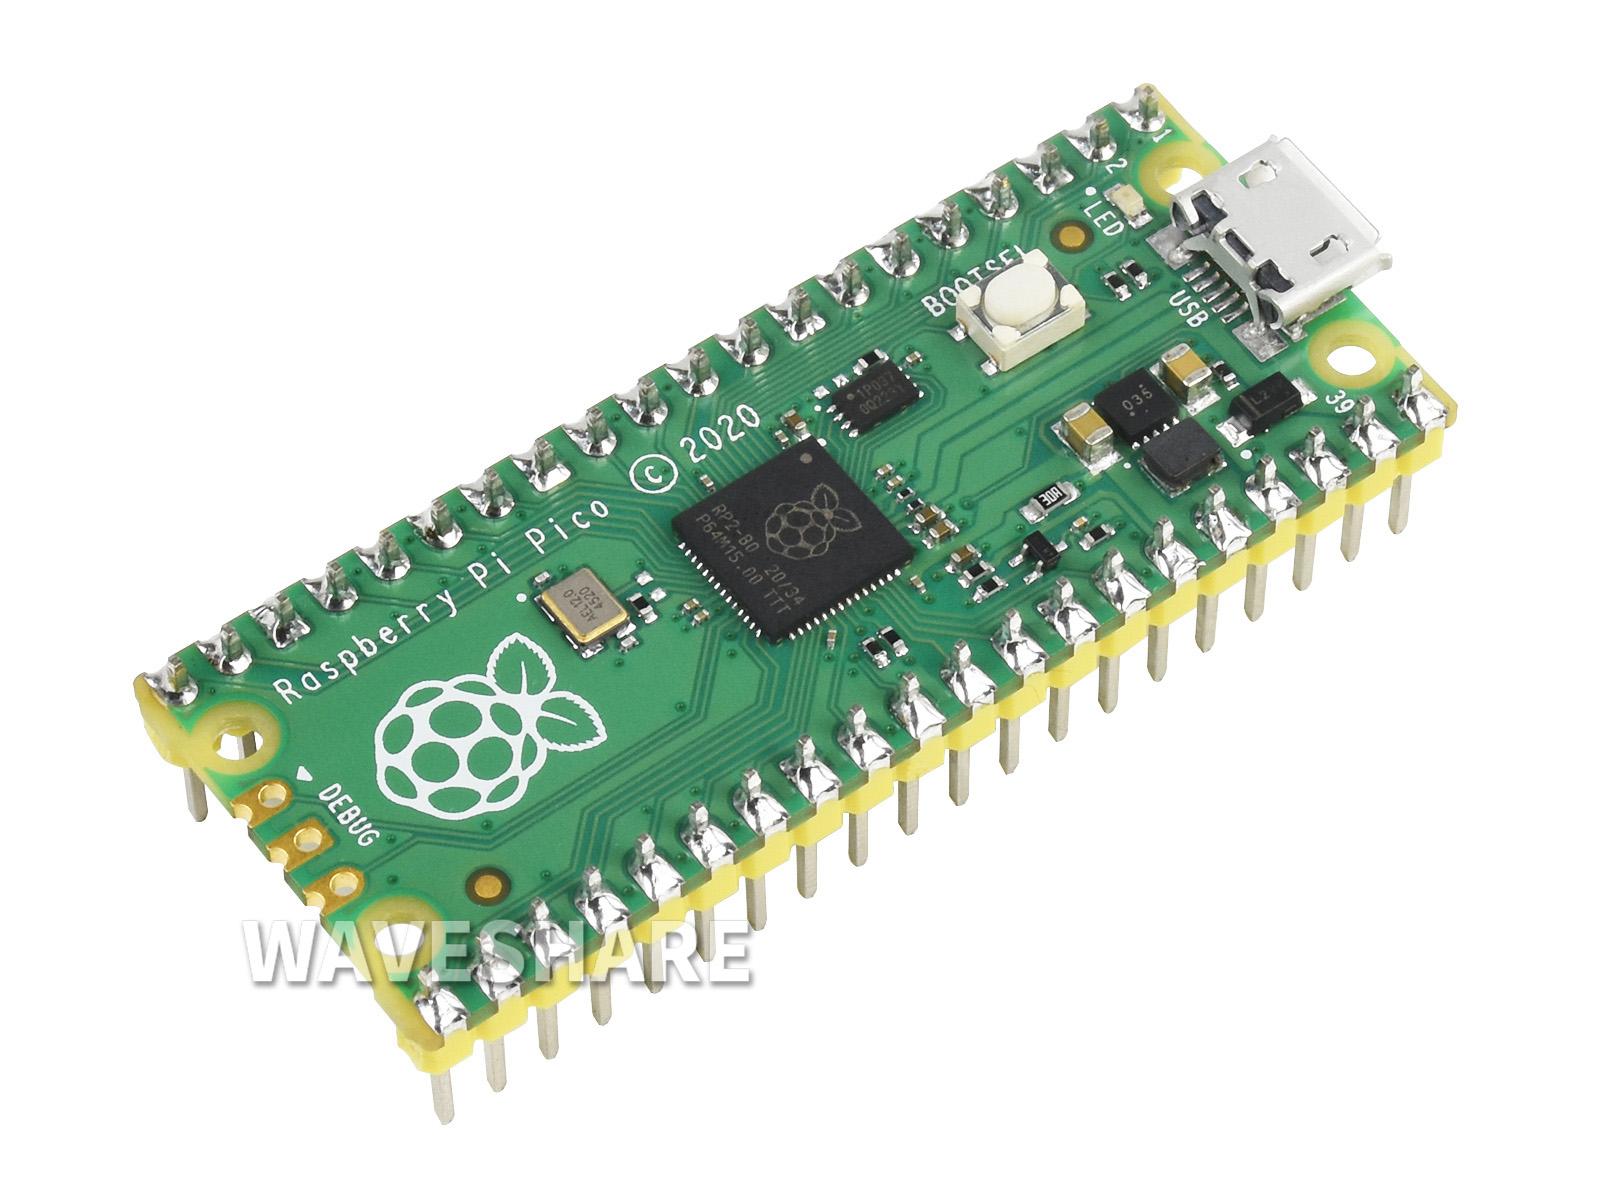 树莓派Pico Raspberry Pi Pico 微控制器开发板带排针 基于官方RP2040双核处理器